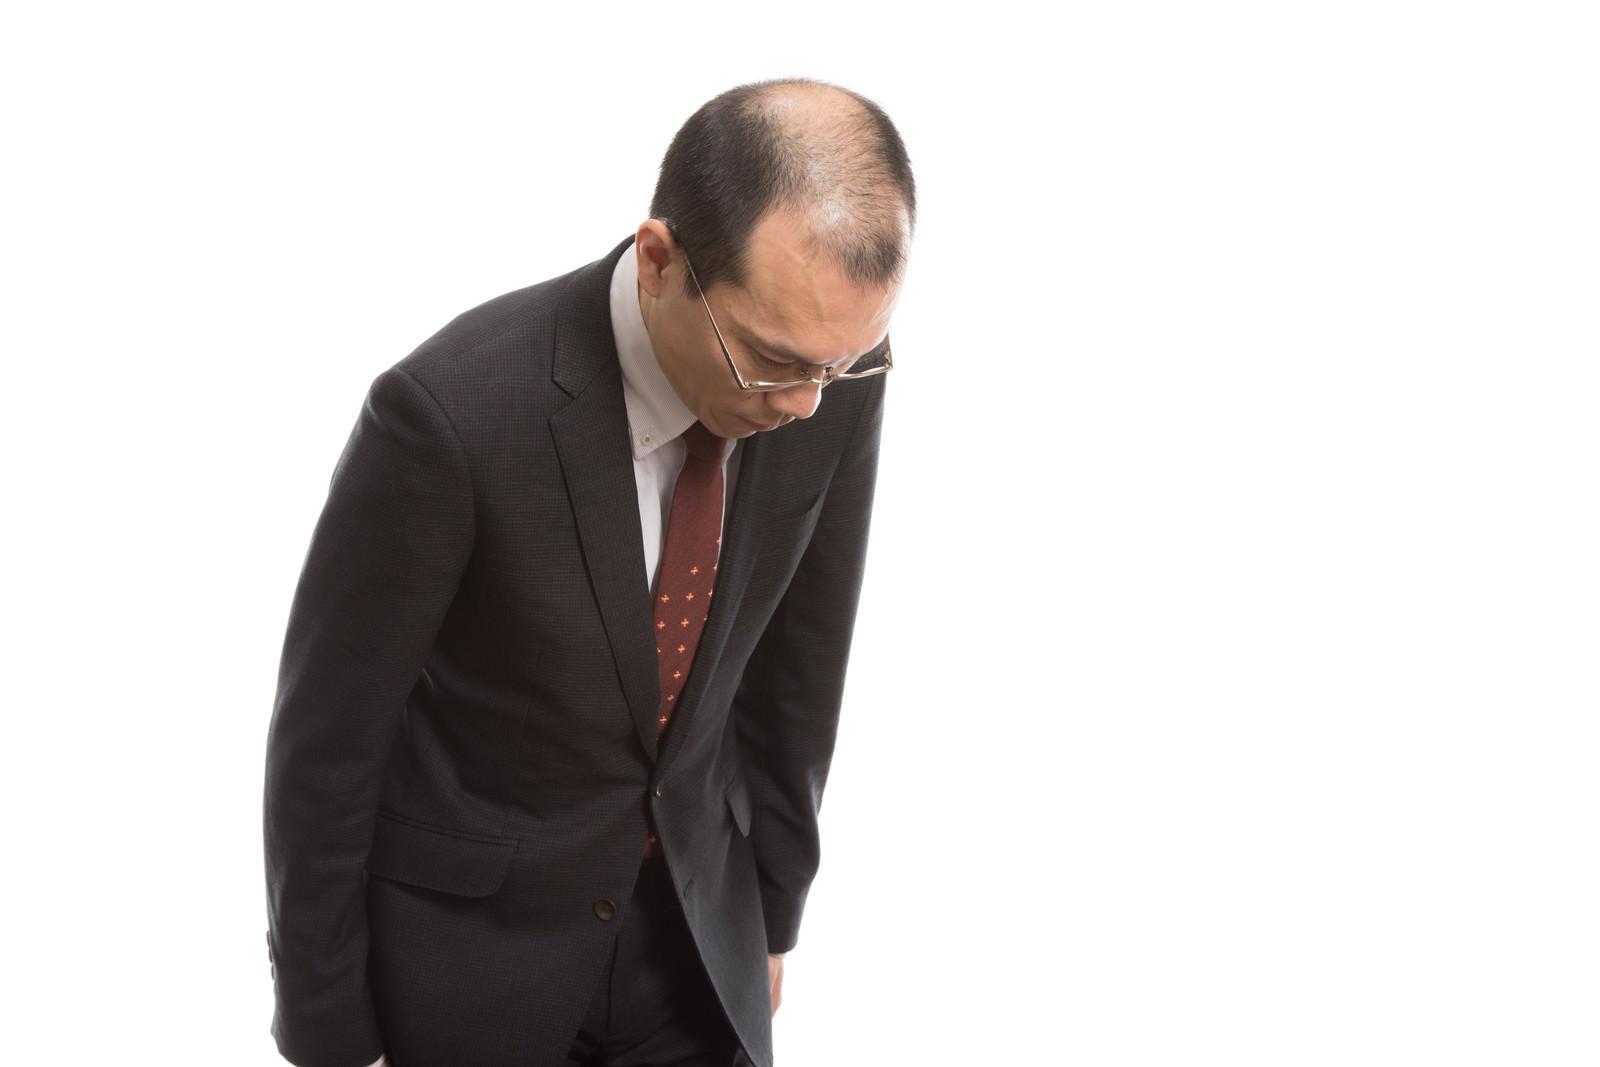 「ハゲを気にしてお辞儀の角度が浅い会社員」の写真[モデル:サンライズ鈴木]